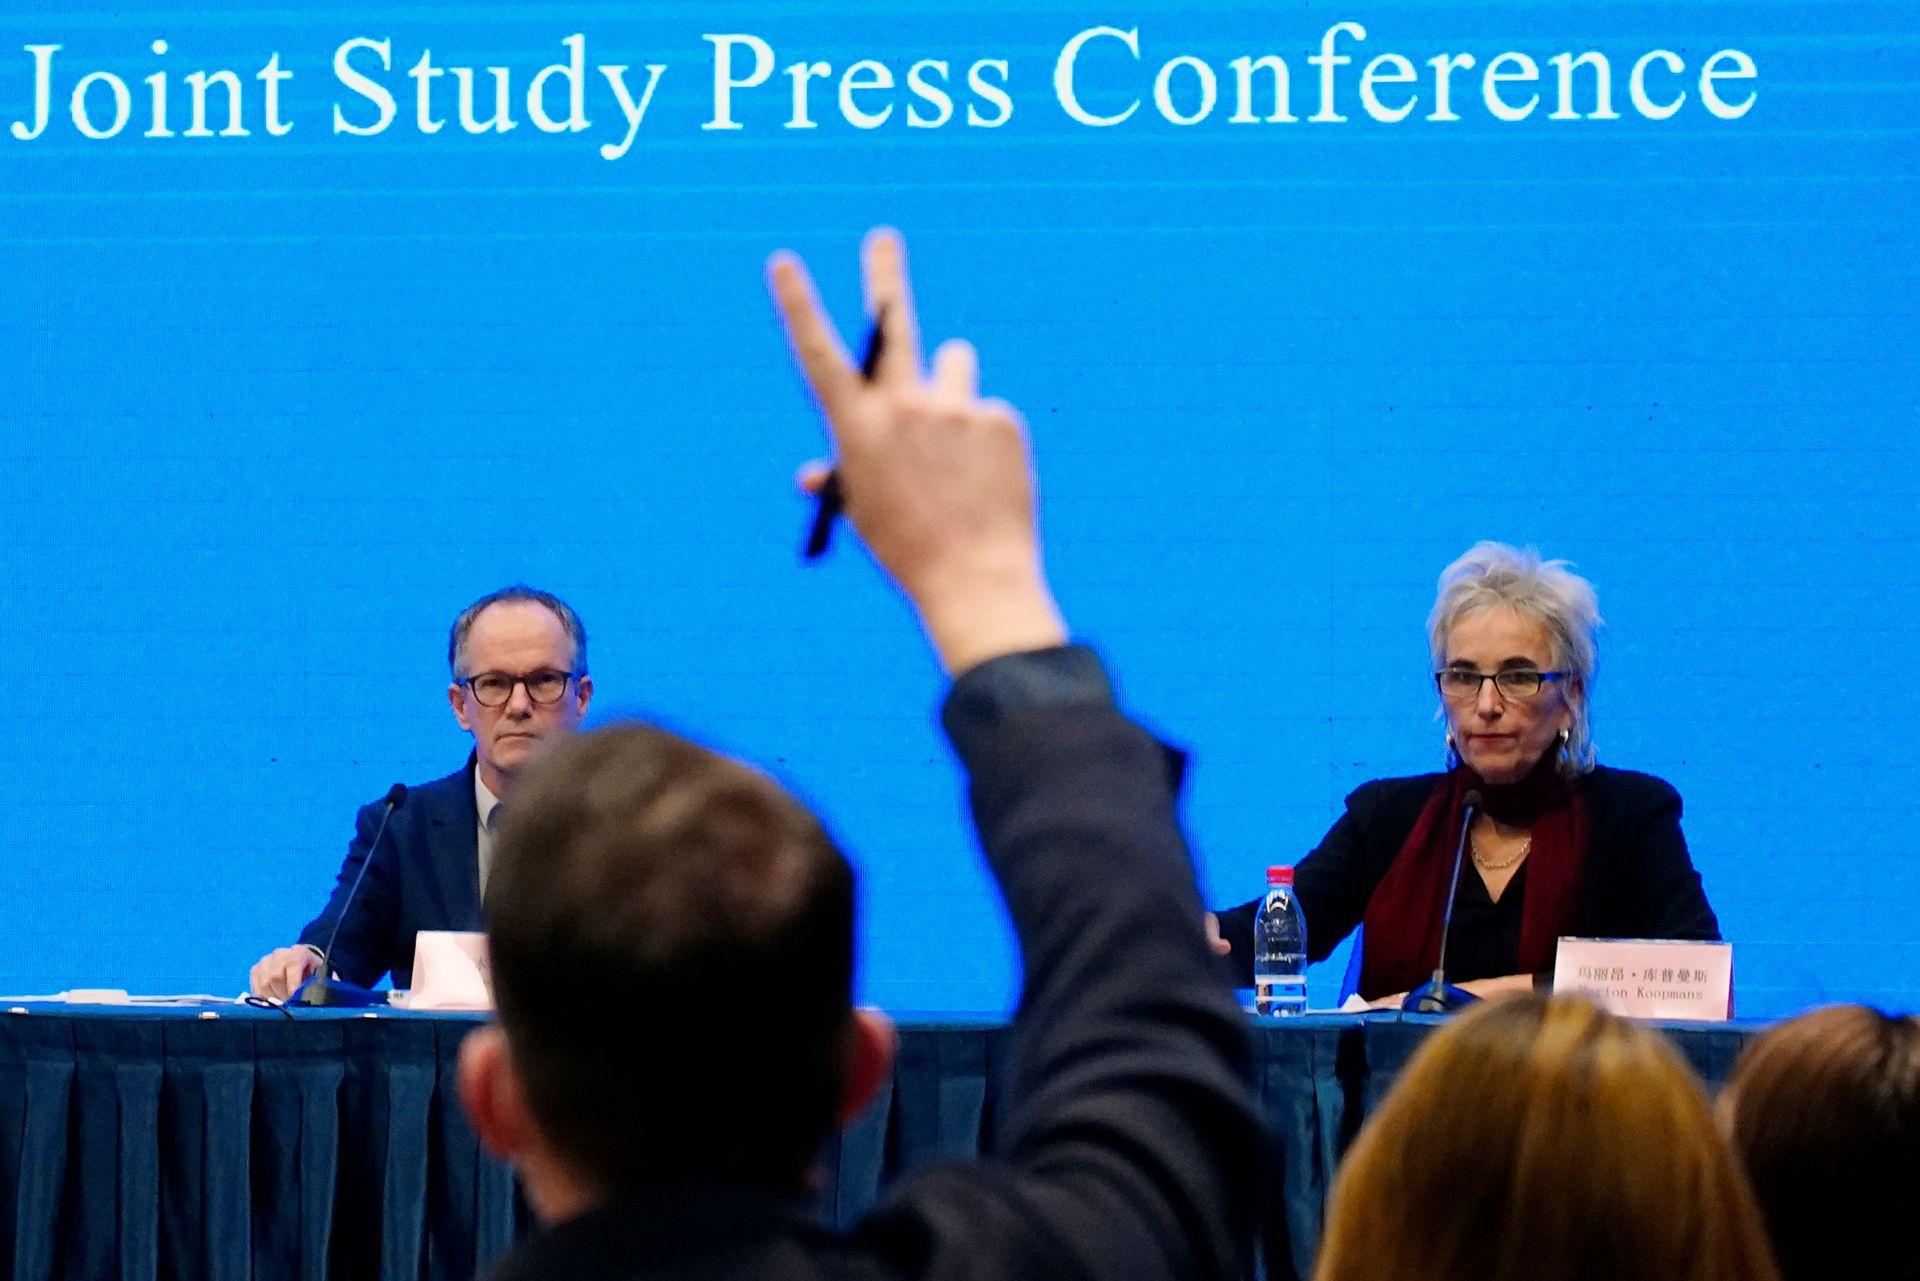 新闻发布会现场,一些媒体记者向世界卫生组织新冠病毒溯源小组组长恩巴雷克提问。(Reuters)